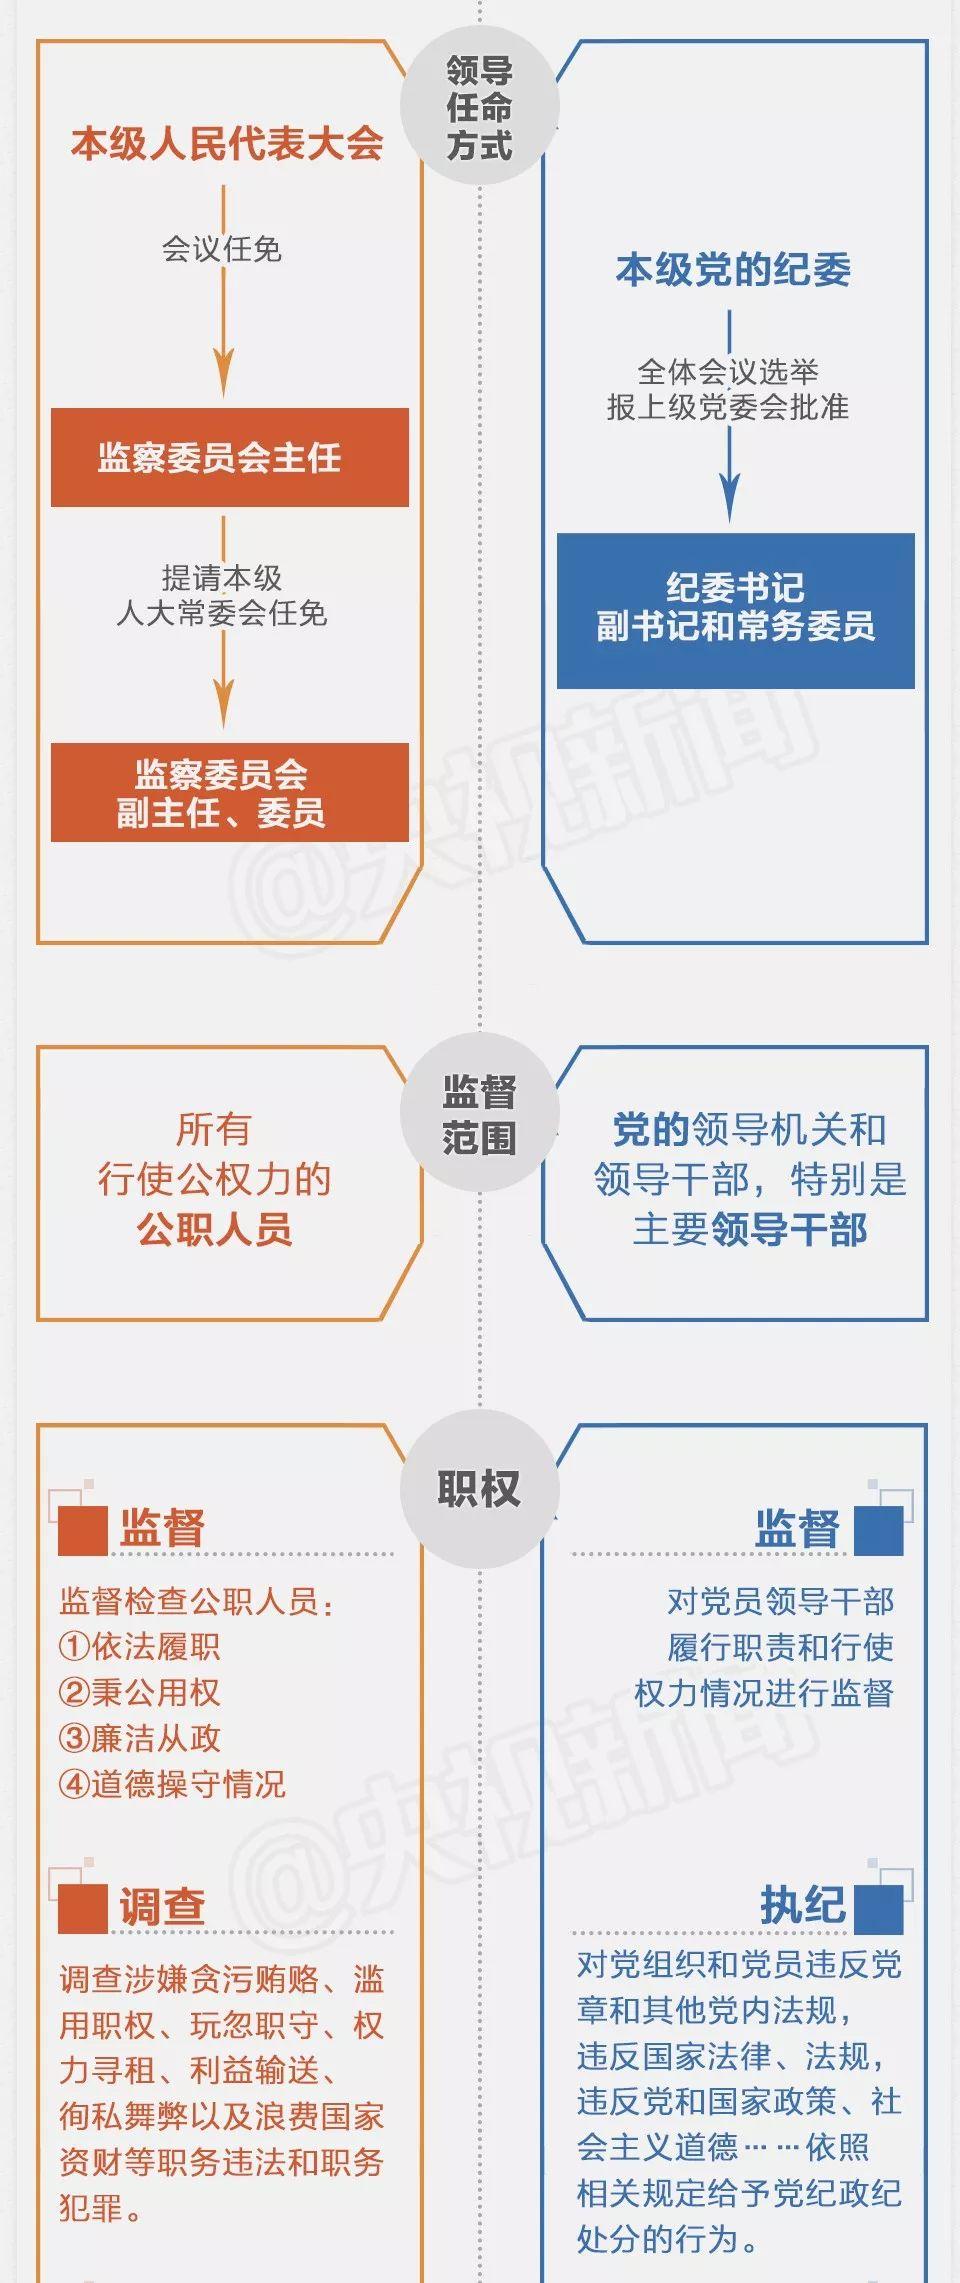 监察委反腐倡廉与纪委有何不同?一张图看懂